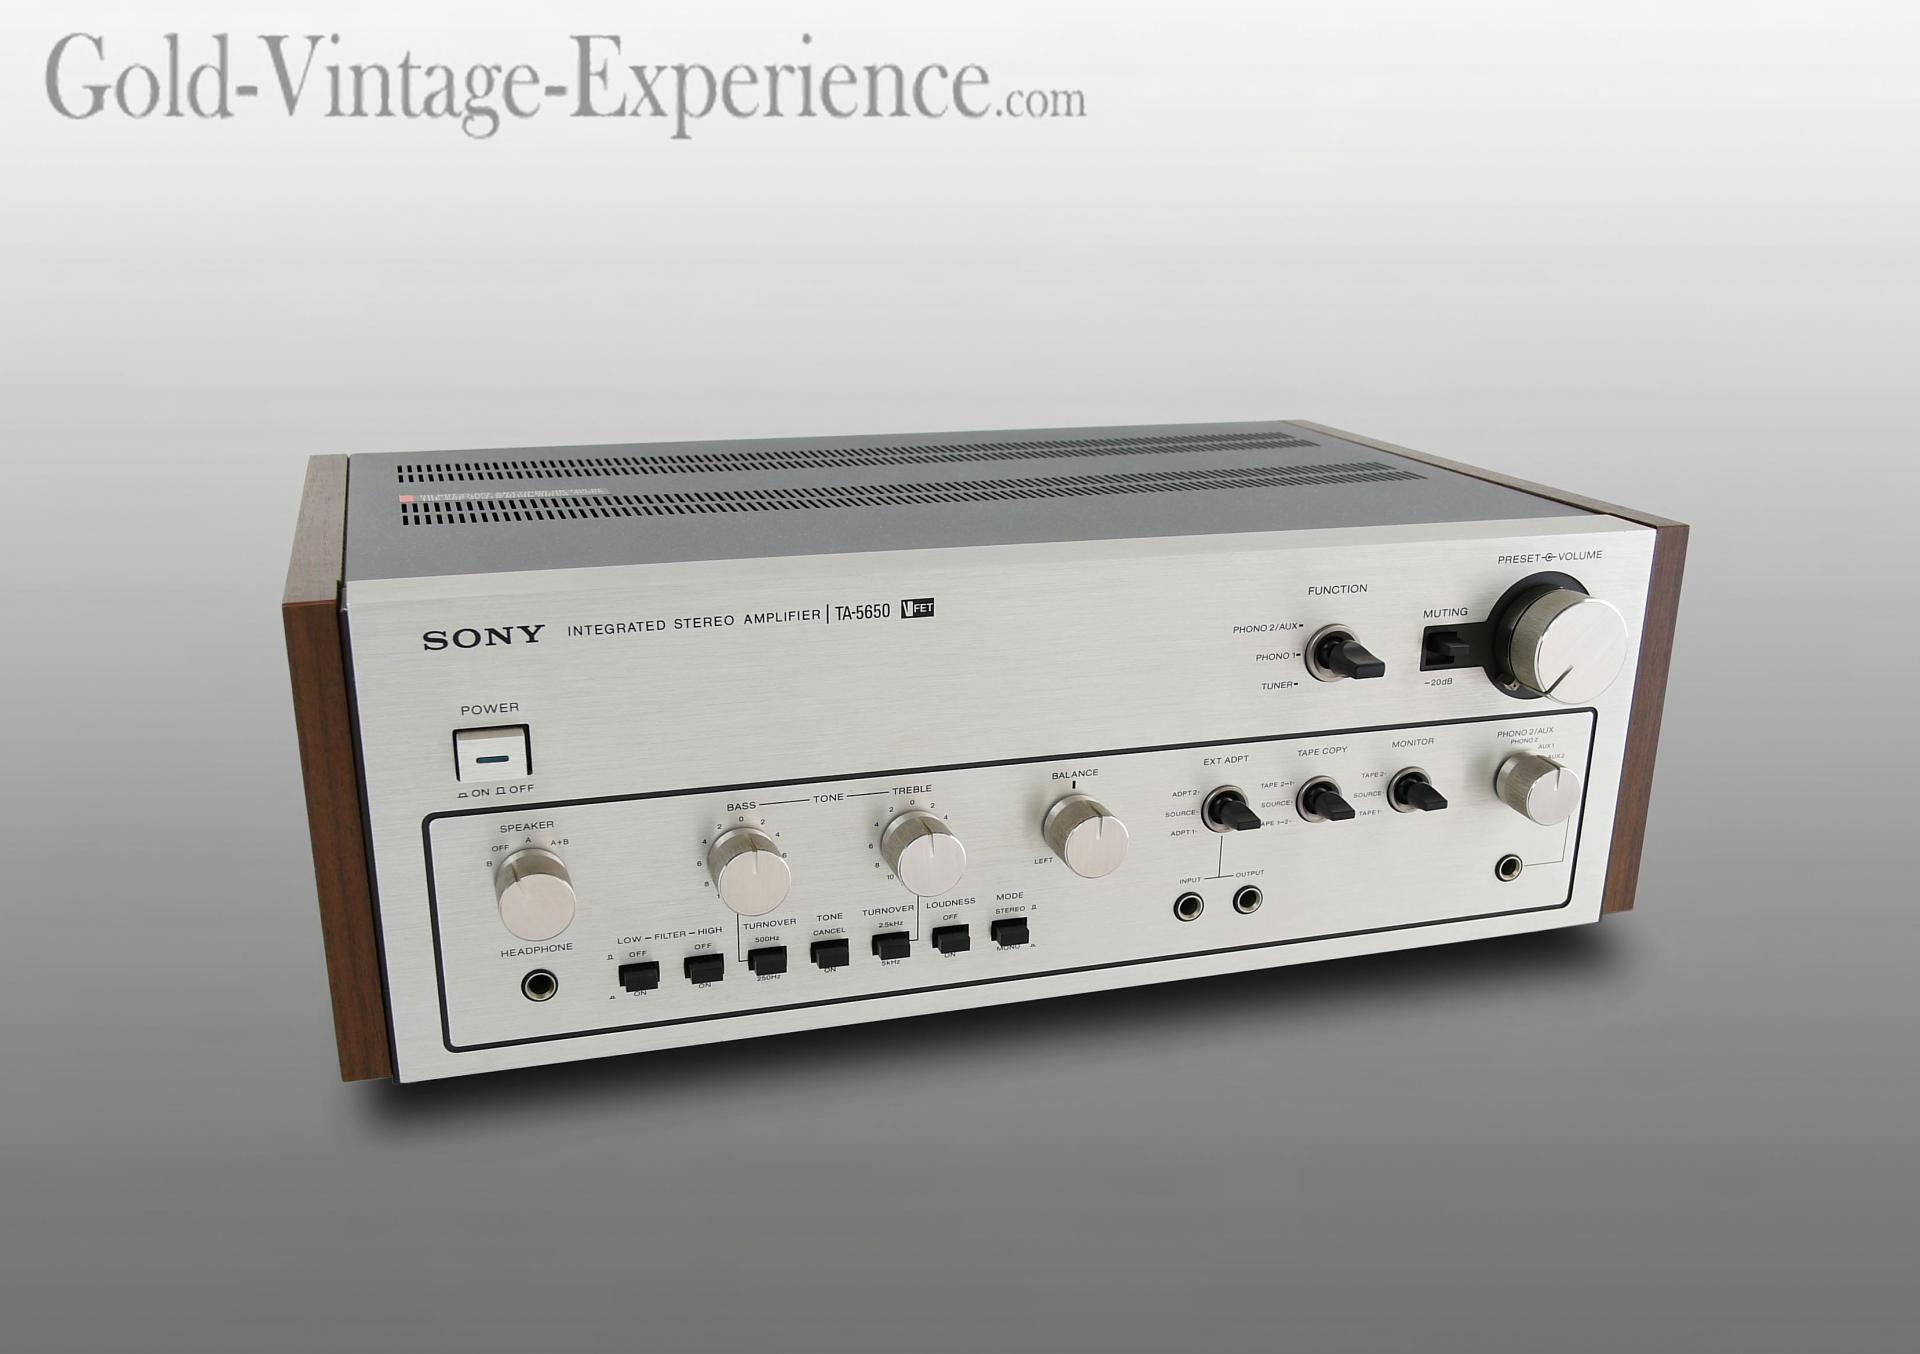 Sony ta 5650 v fet